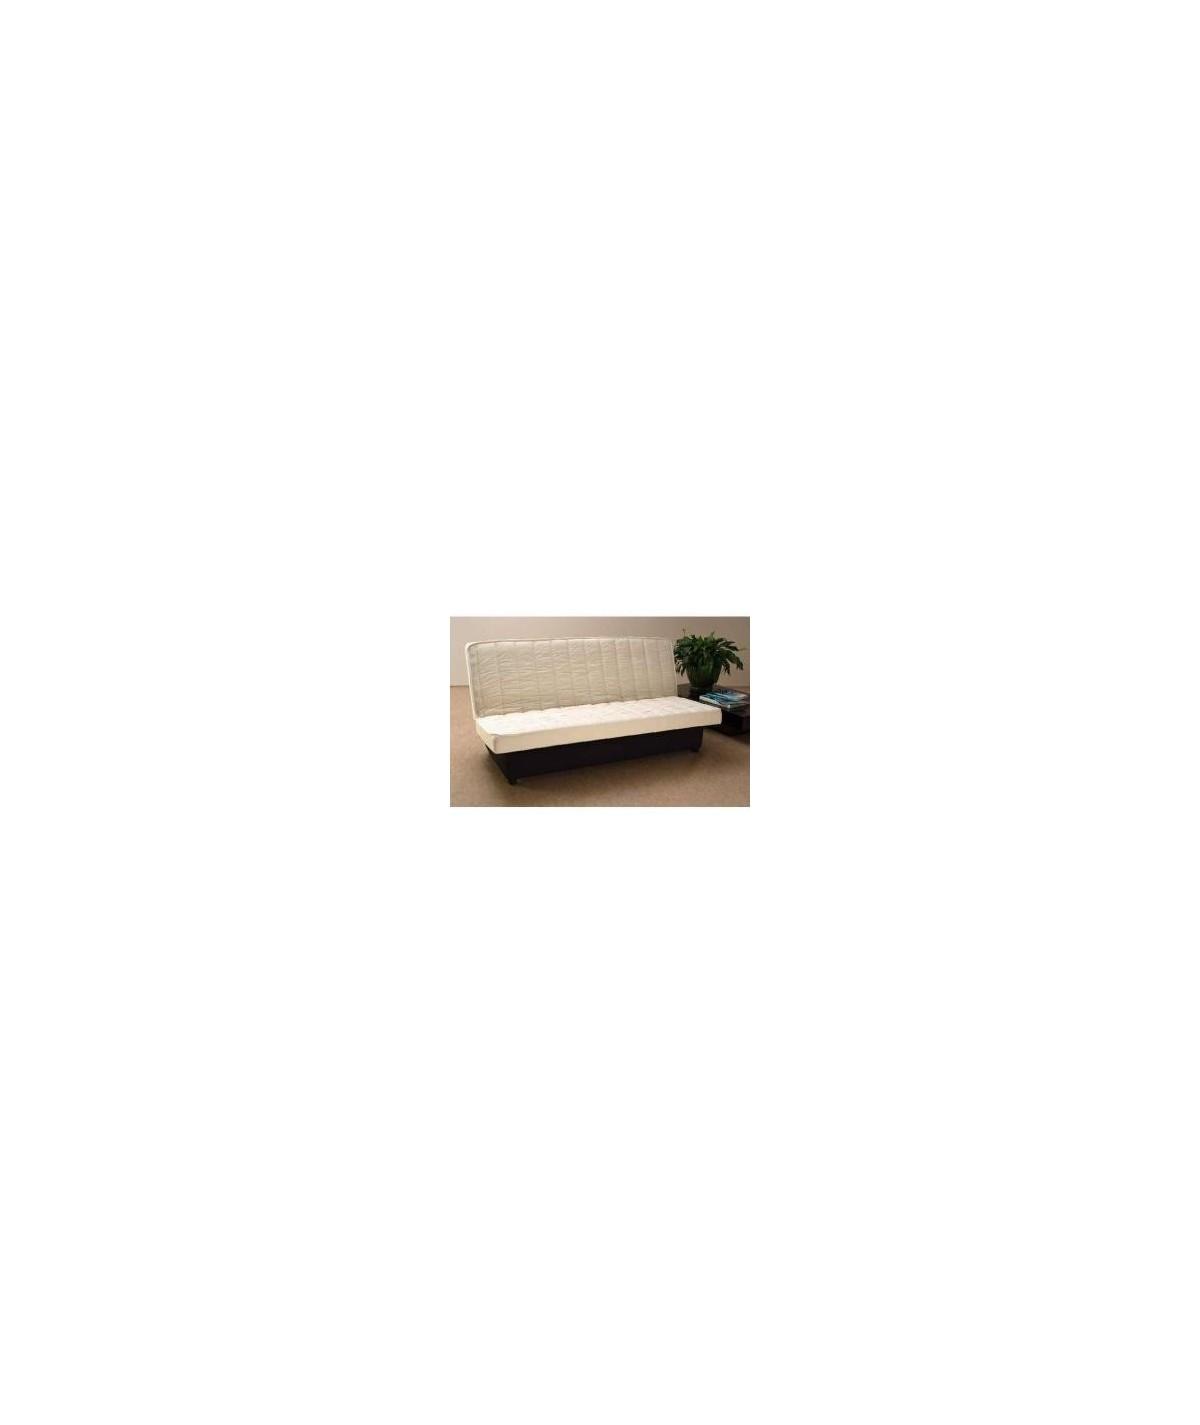 Matelas Clic Clac 10cm Très Ferme  Mousse Indéformable Tissu Renforcé + Protège Matelas + Oreiller Mémoire de Forme OFFERTS